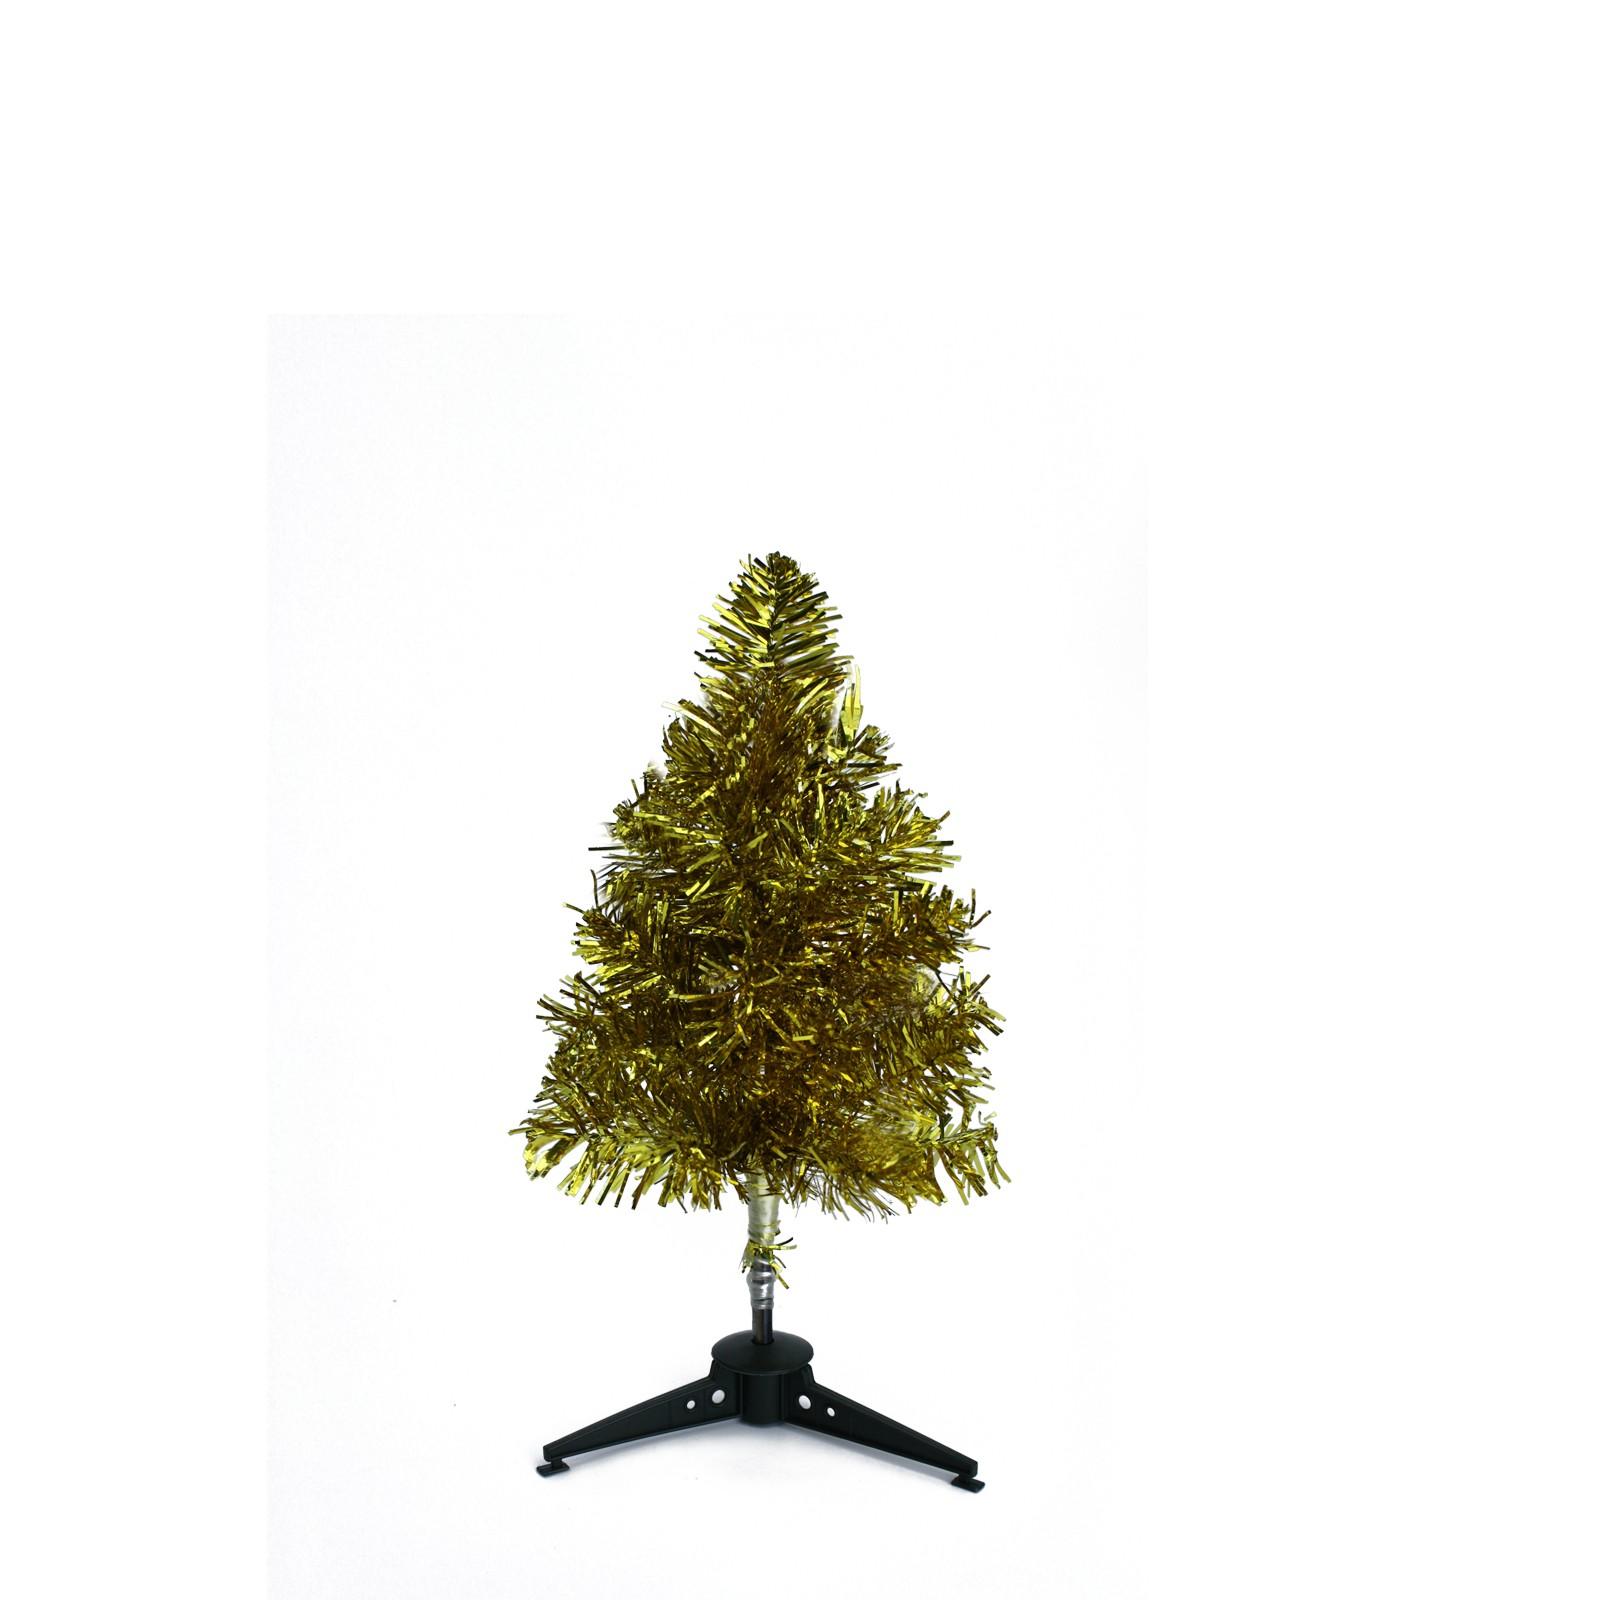 christbaum k nstlicher weihnachtsbaum tannenbaum jazzy 5. Black Bedroom Furniture Sets. Home Design Ideas